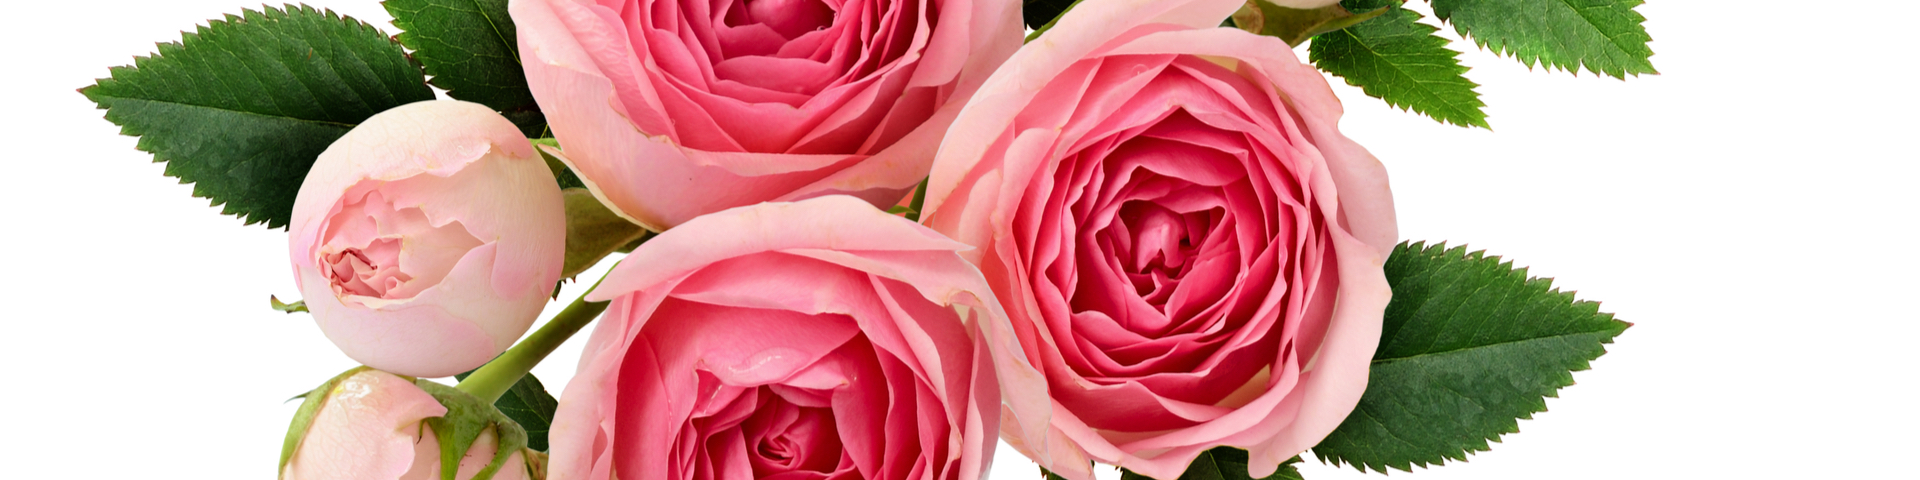 Rosa Rosen Strauß